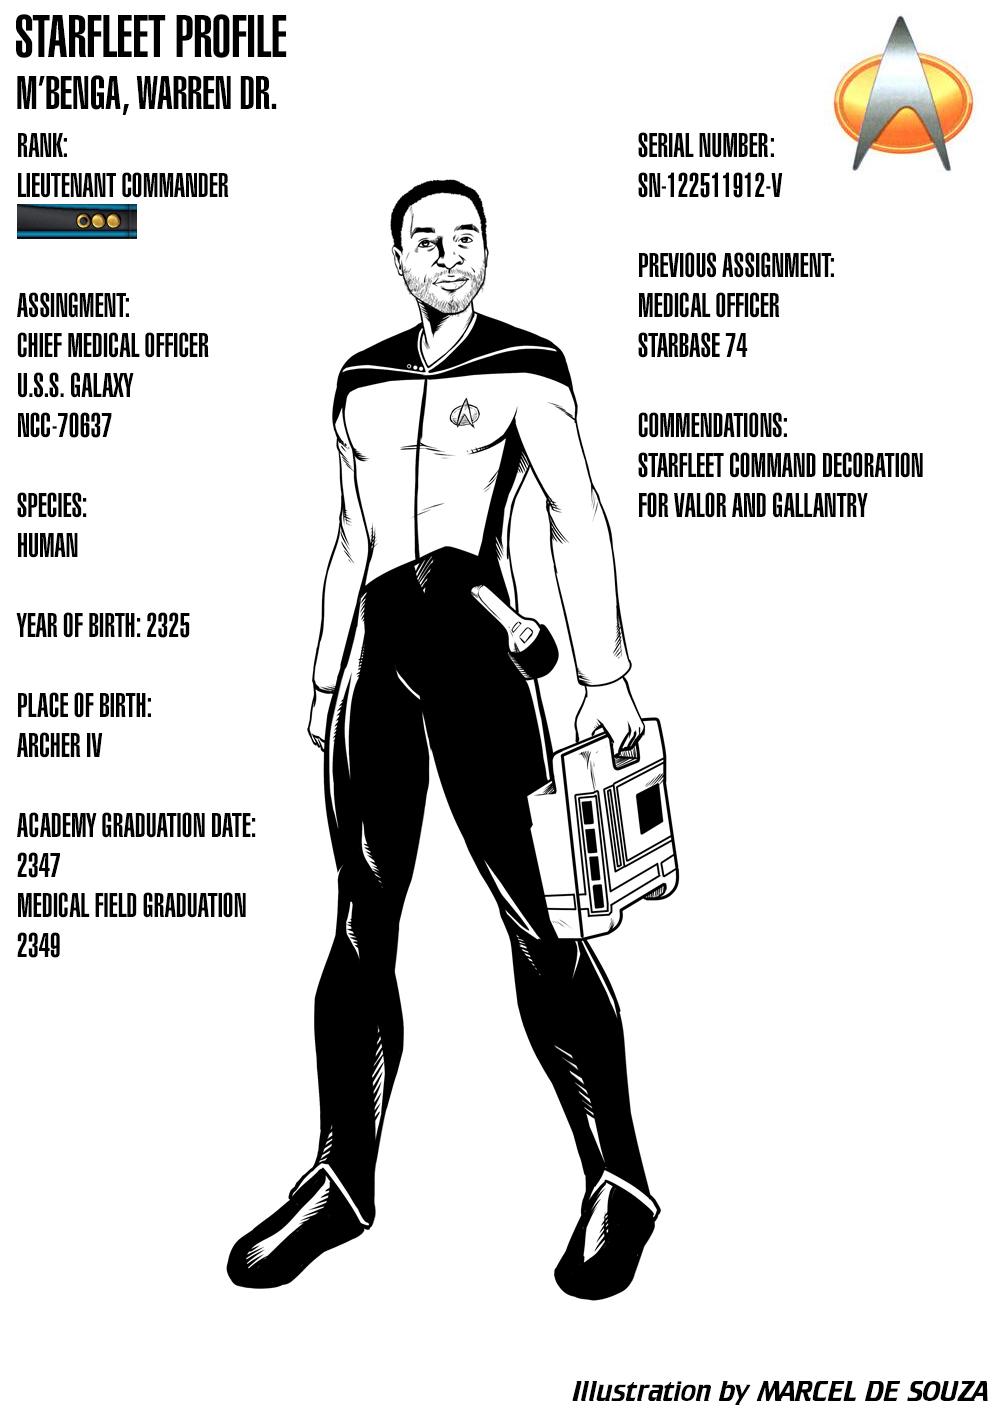 dr___lieutenant_commander__warren_m_beng